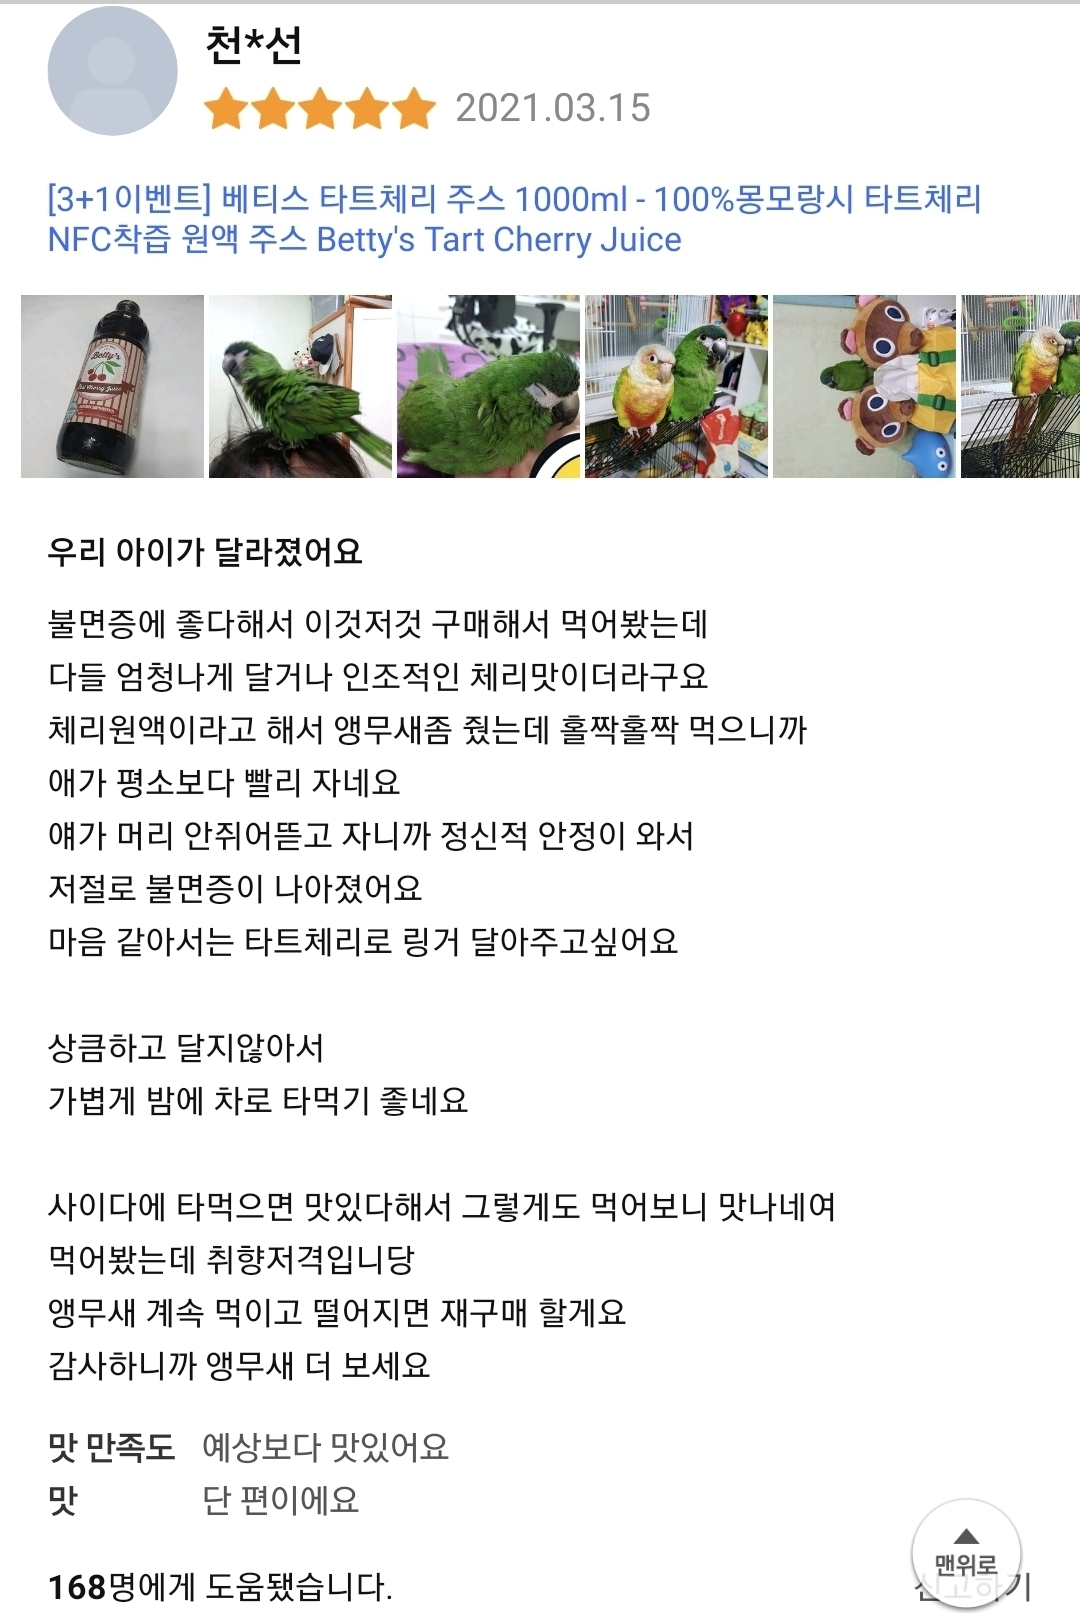 앵무새 집사의 쇼핑 후기 - 꾸르